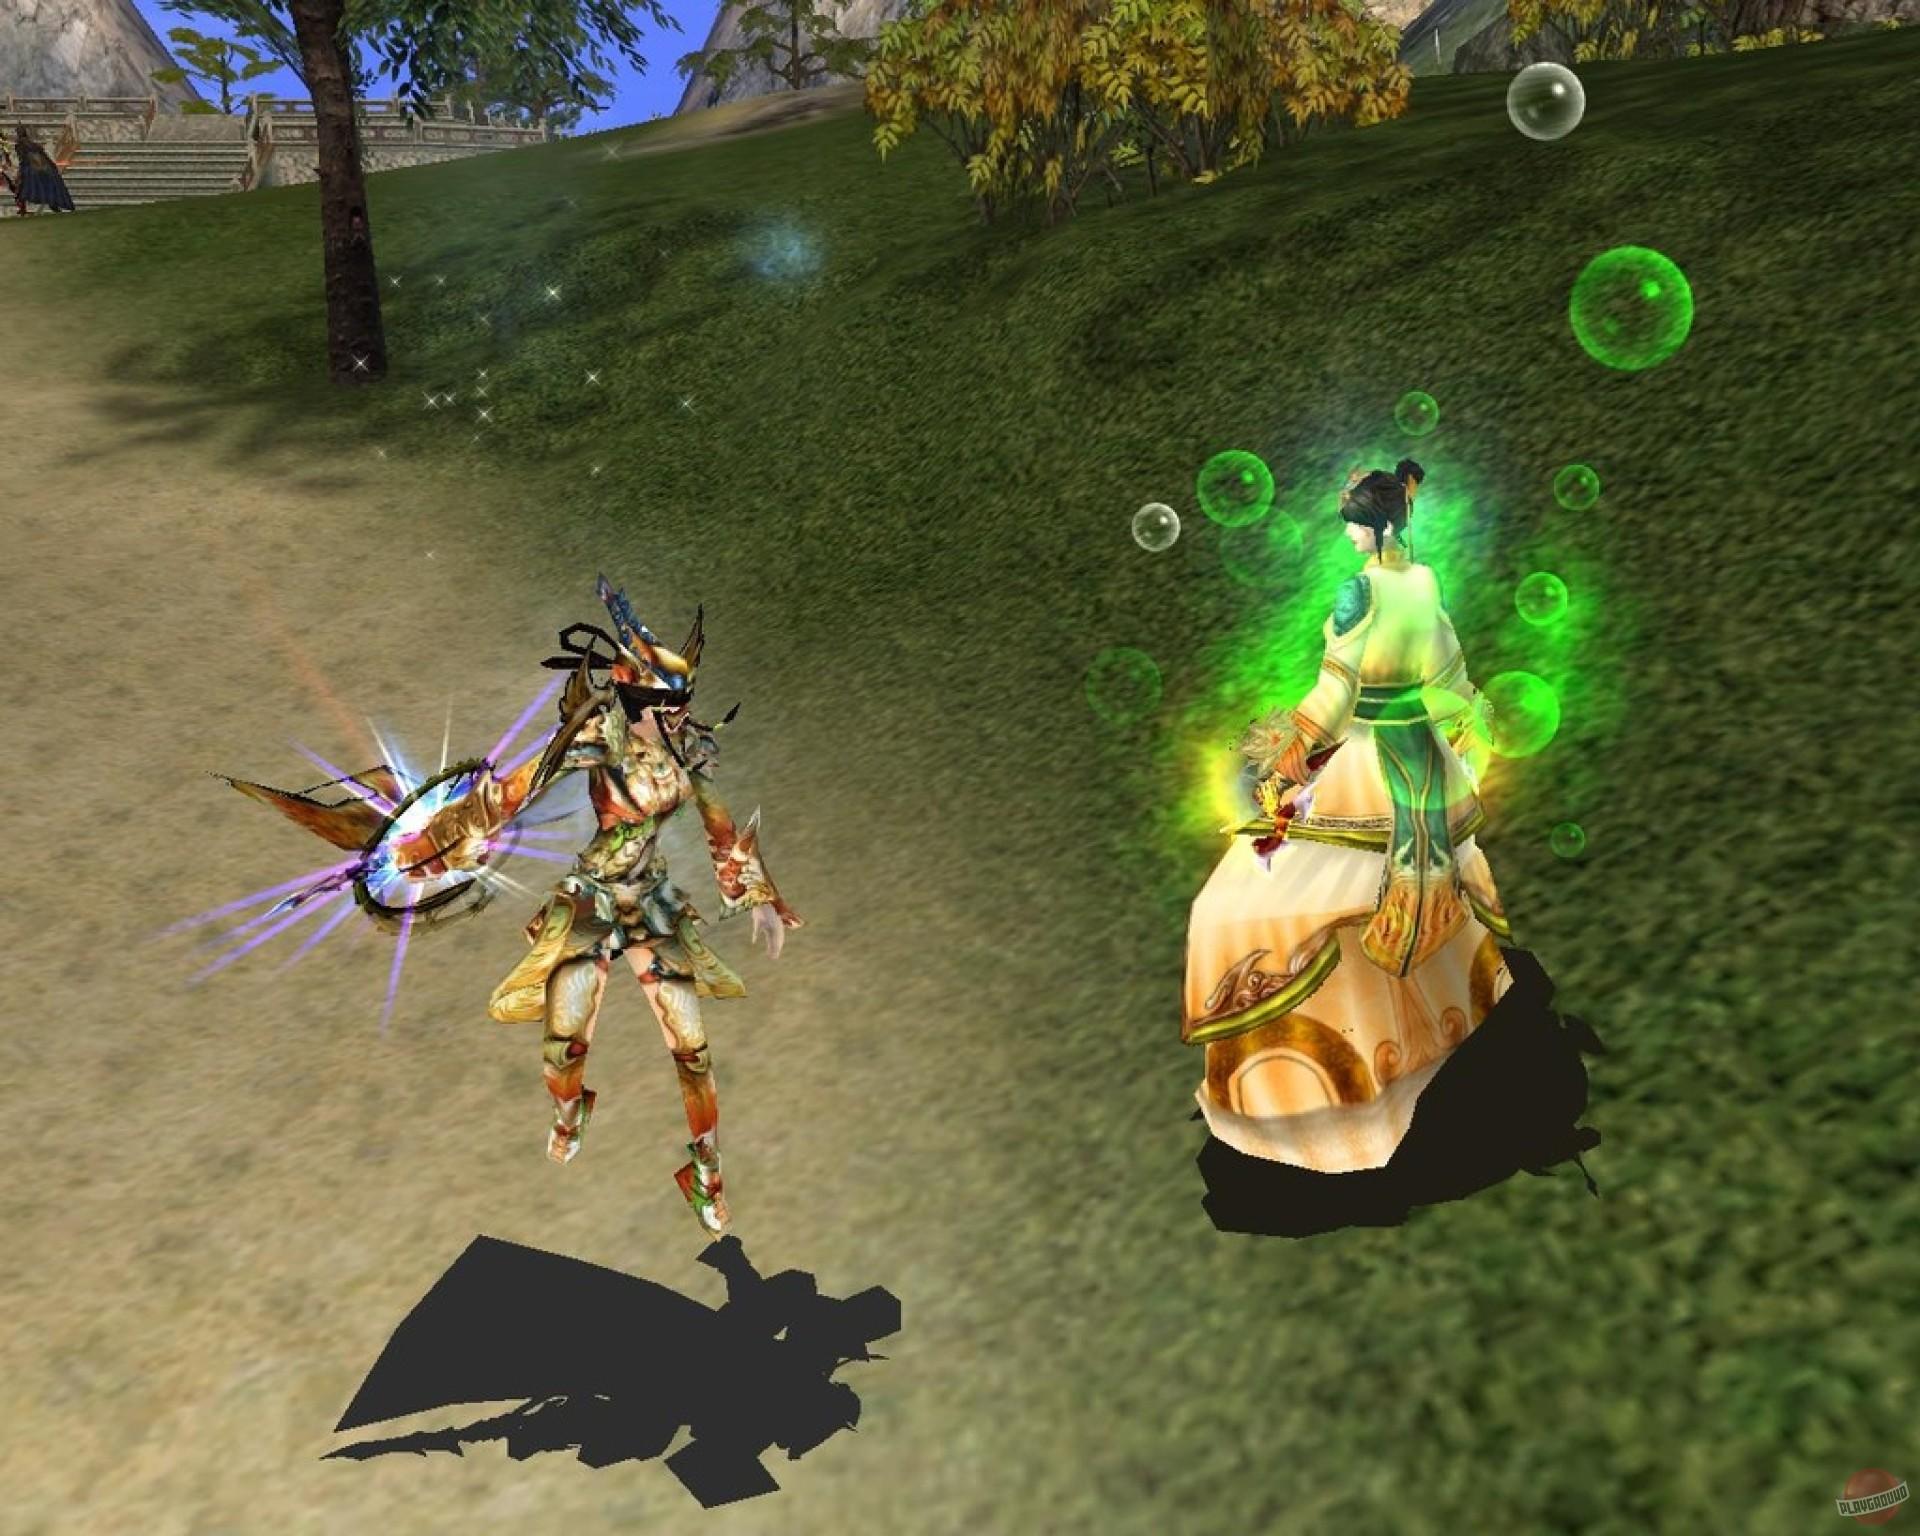 Keytar hero online game